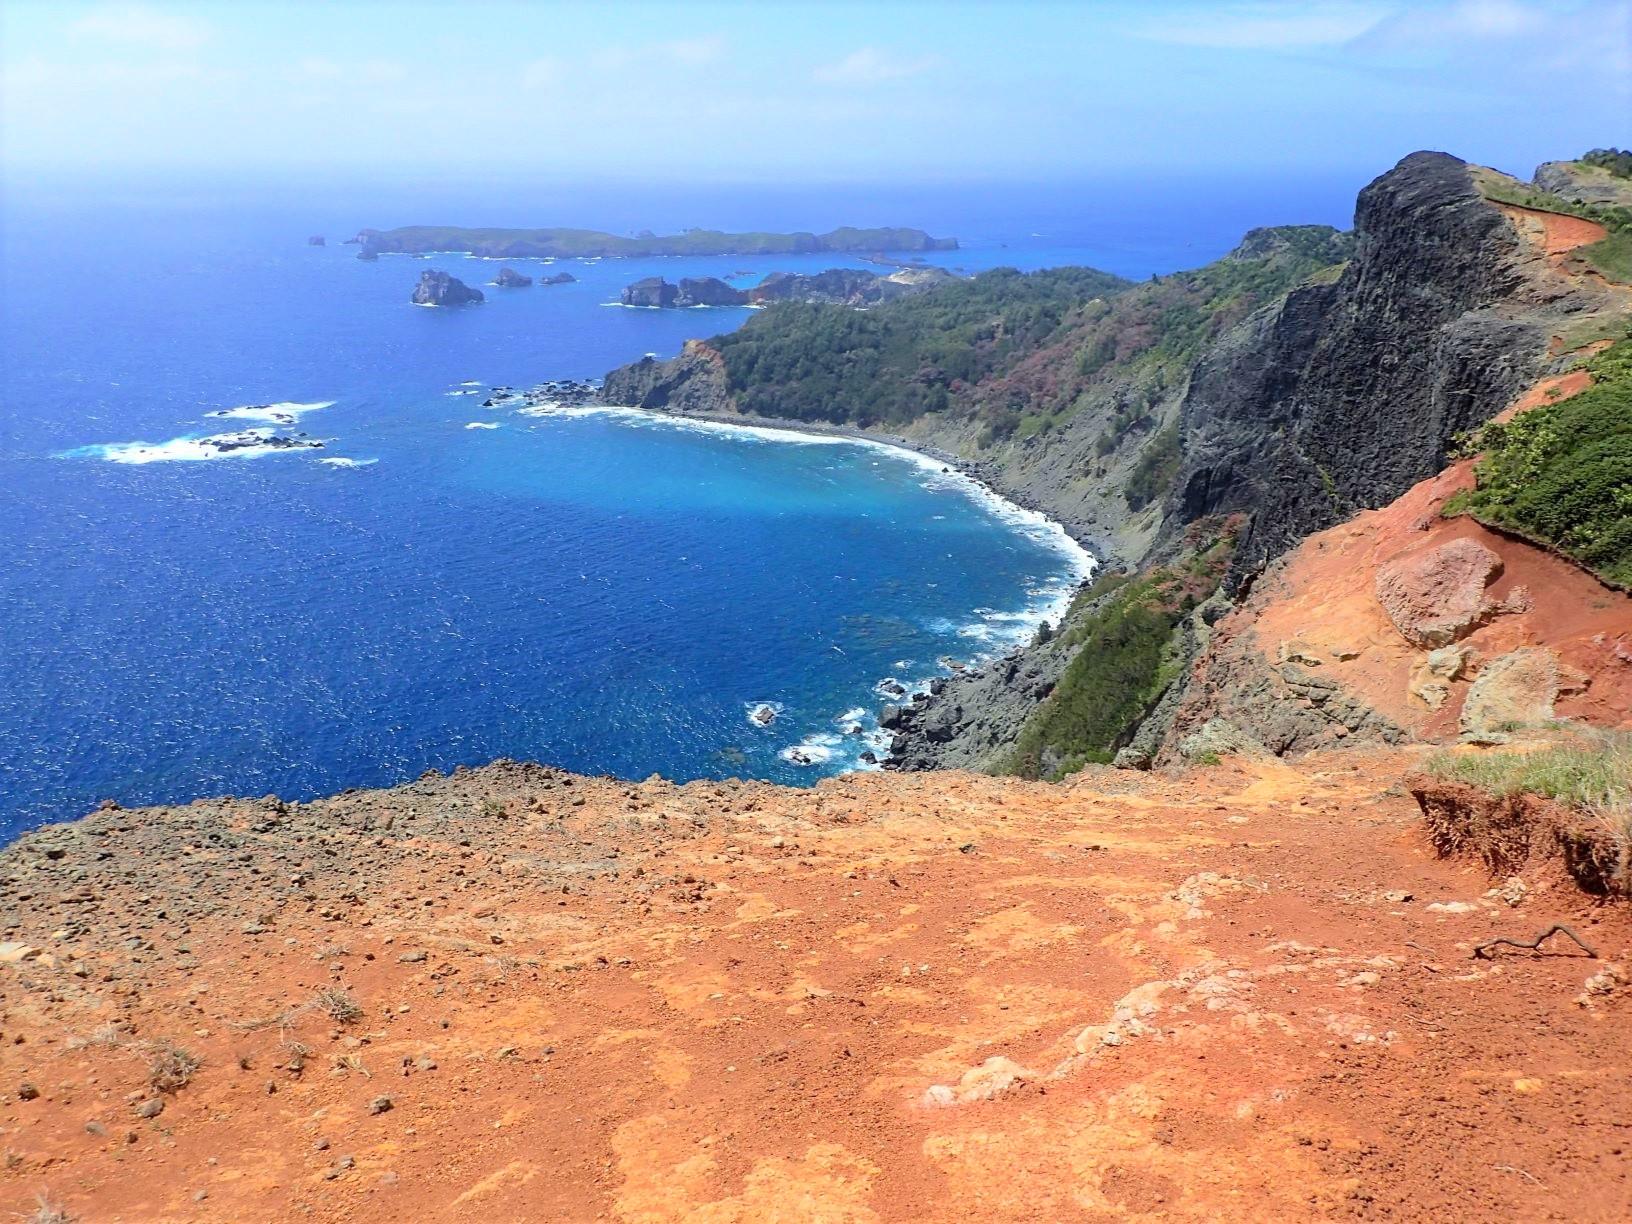 父島・千尋岩から見渡す大海原